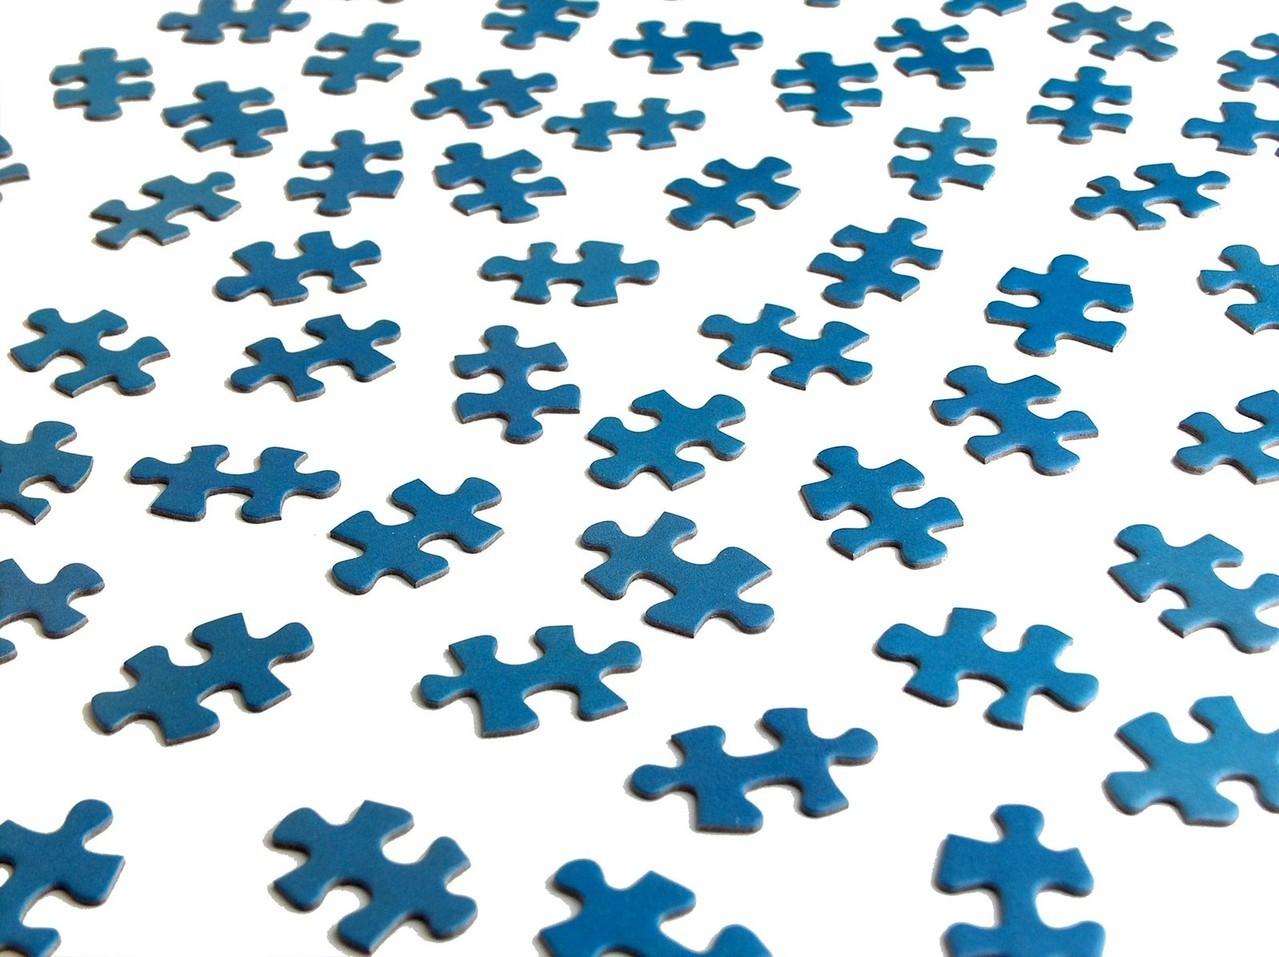 Jak wybrać puzzle dla dzieci? – 3 aspekty, na które warto zwrócić uwagę